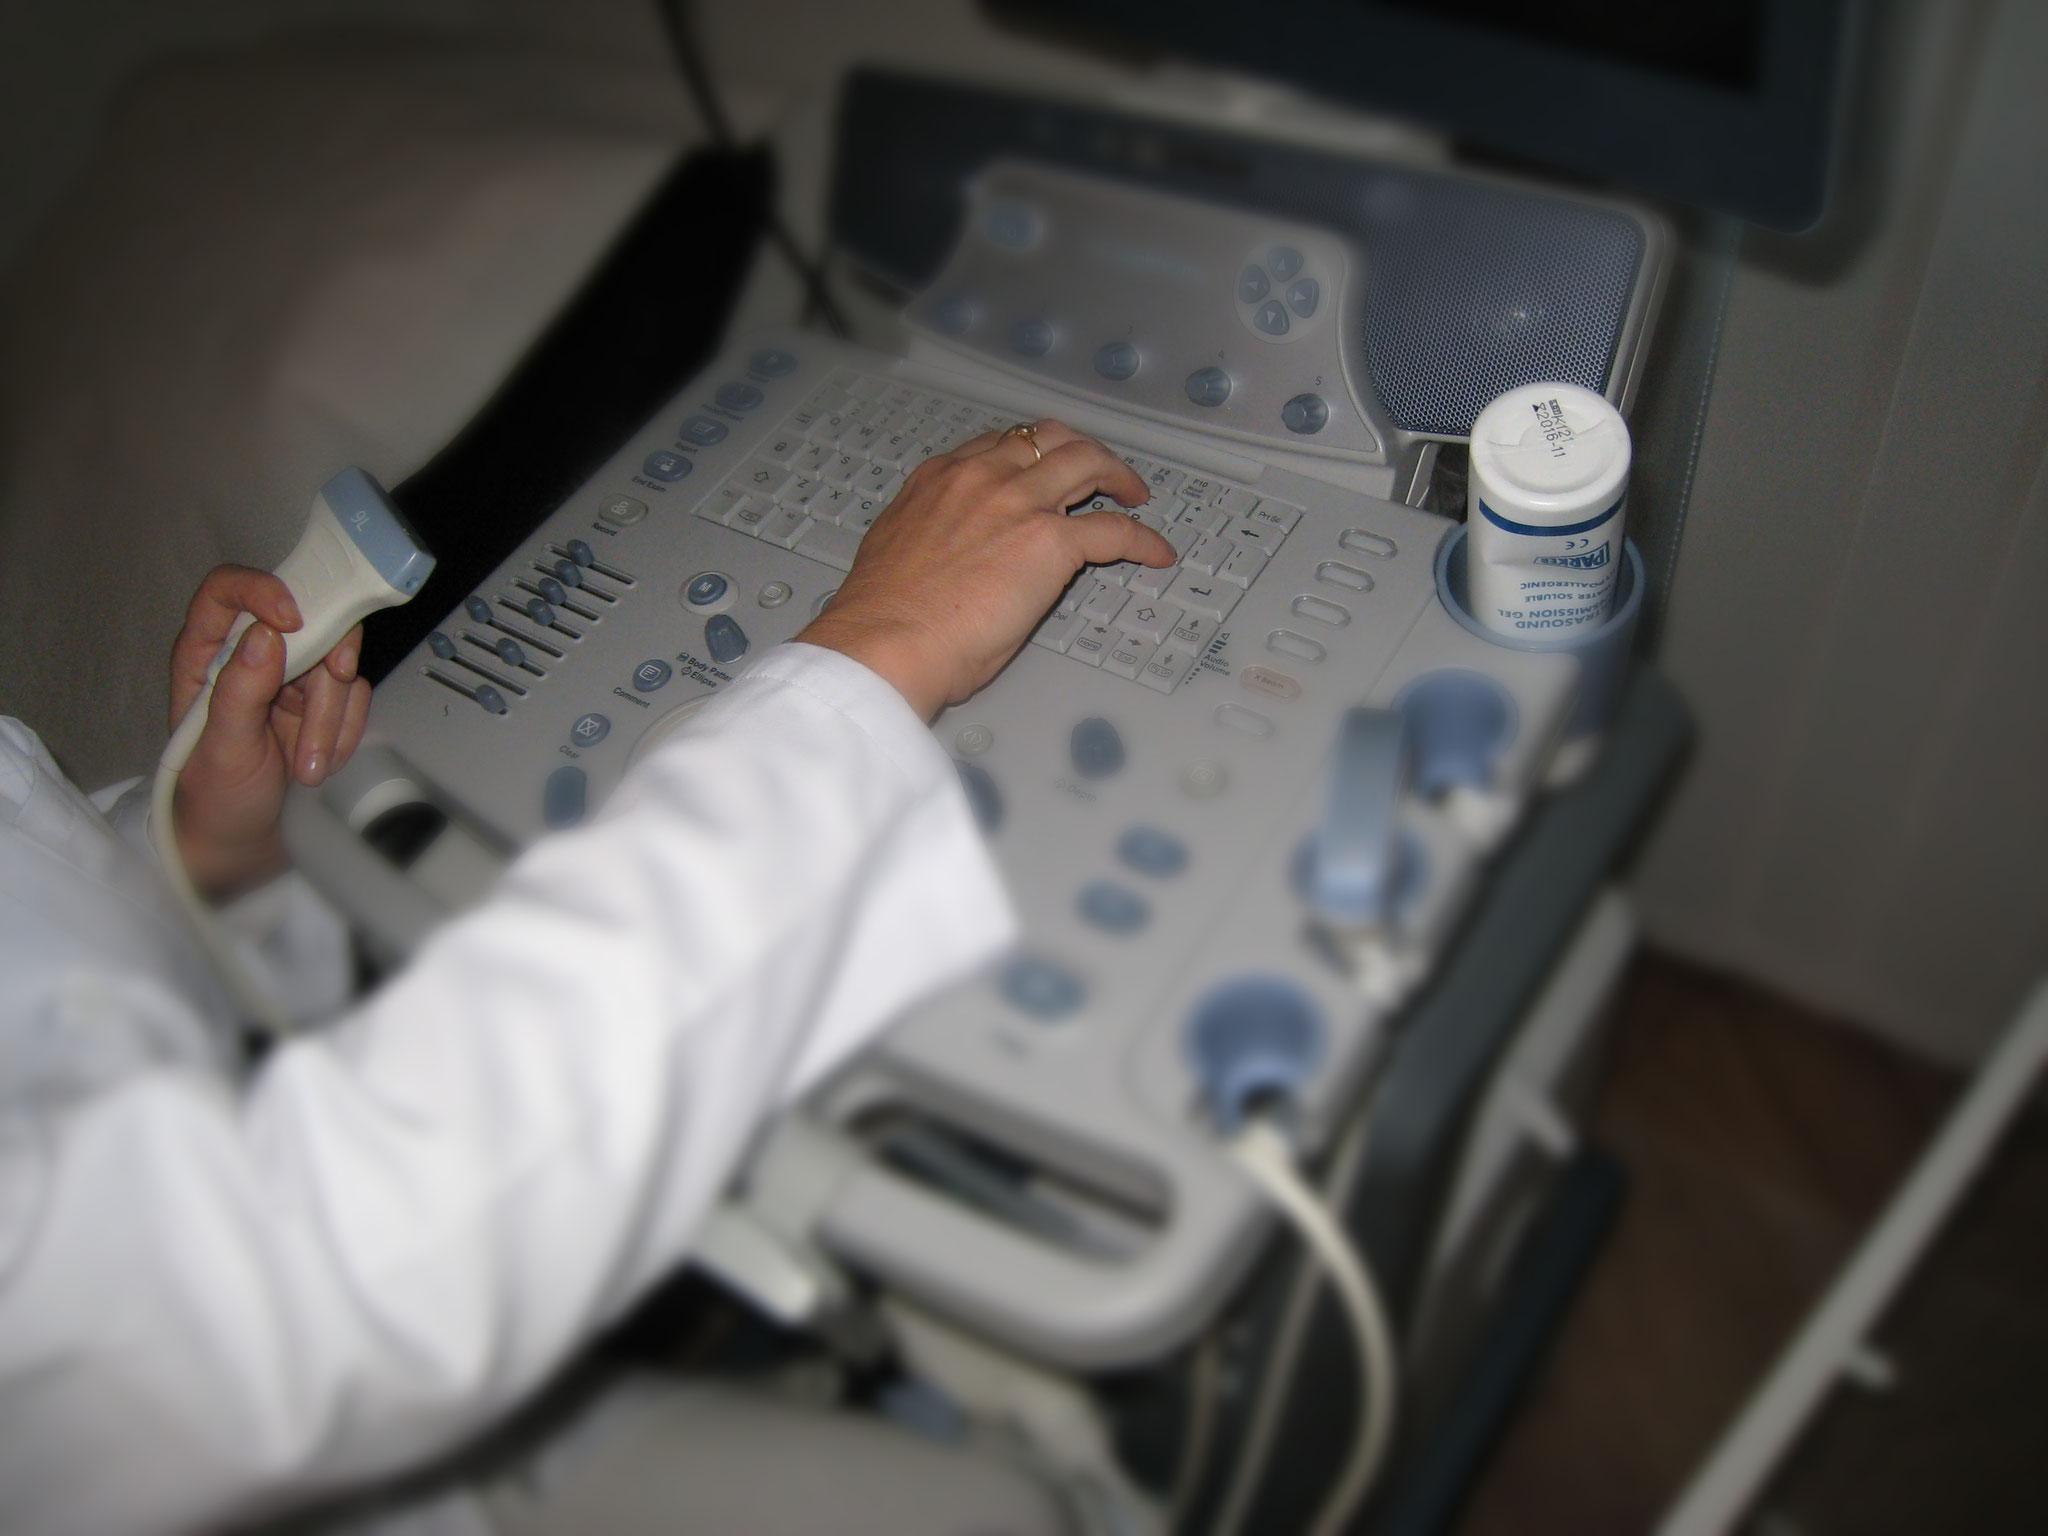 Wir legen Wert auf Abklärungen und Behandlungen nach höchsten wissenschaftlichen Standards